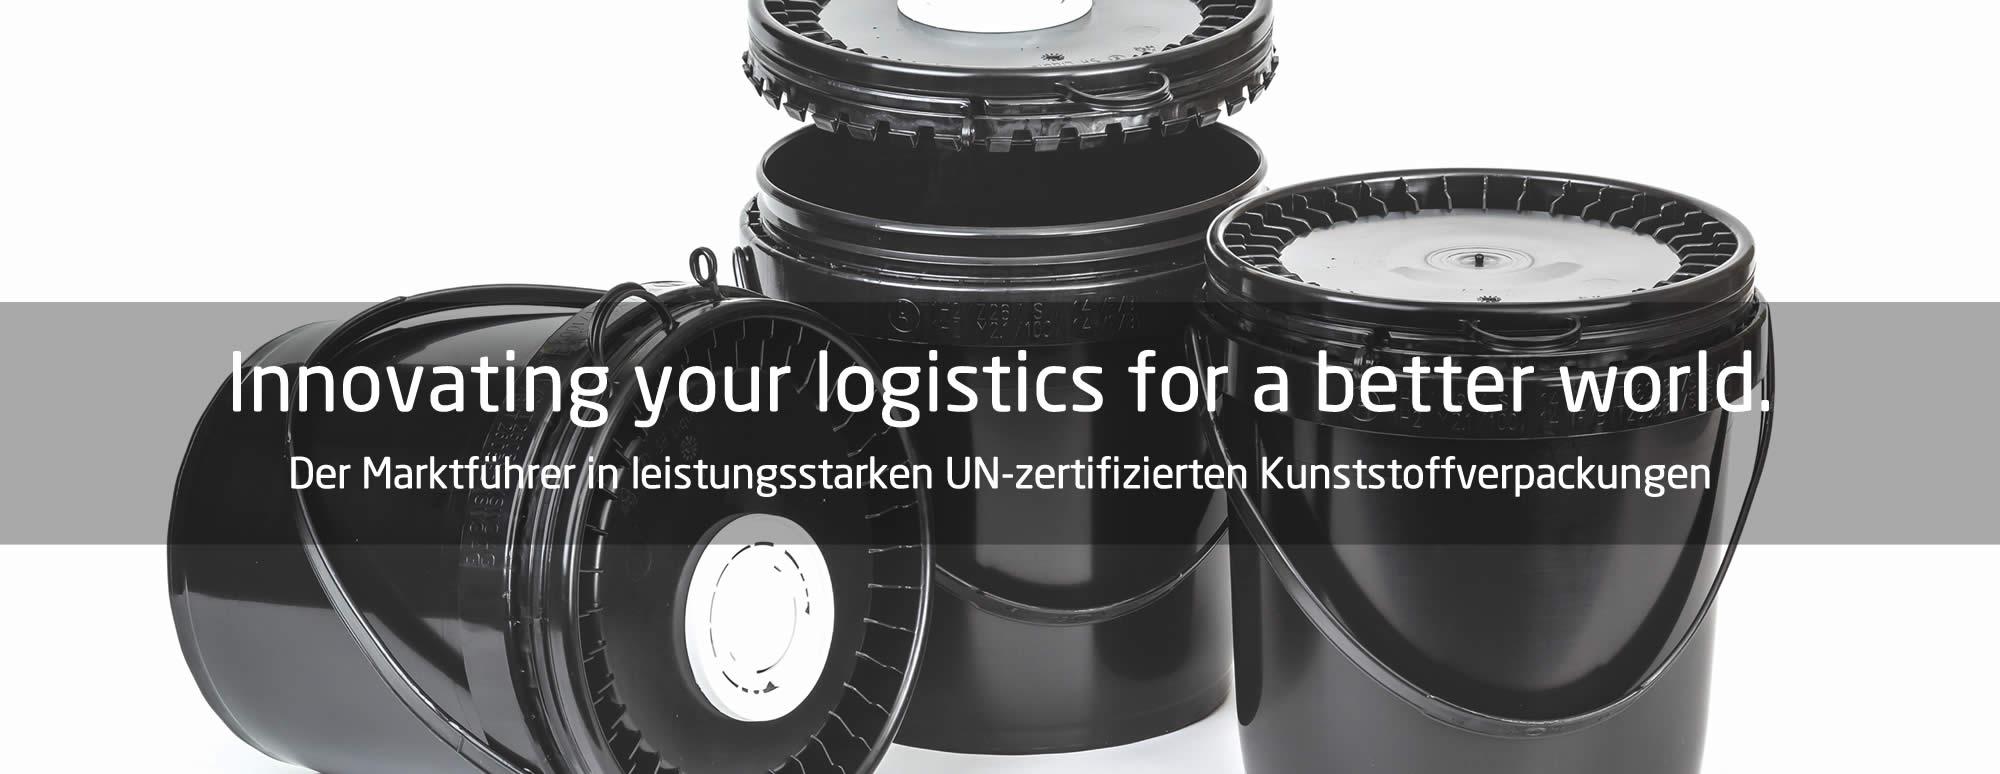 ROPAC® - Der Marktführer in leistungsstarken UN-zertifizierten Kunststoffverpackungenn